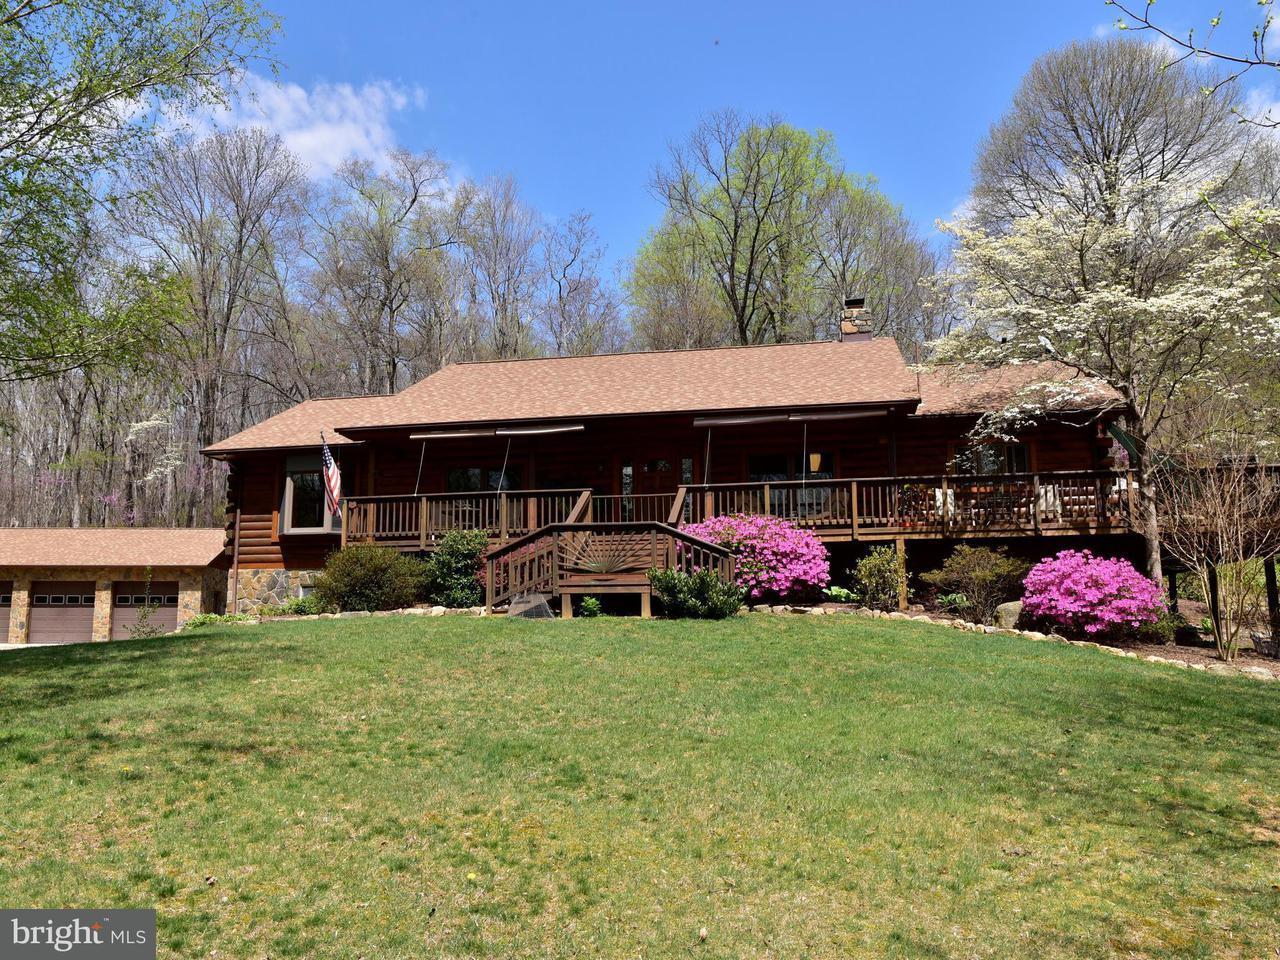 独户住宅 为 销售 在 734 GID BROWN HOLLOW Road 734 GID BROWN HOLLOW Road Washington, 弗吉尼亚州 22747 美国